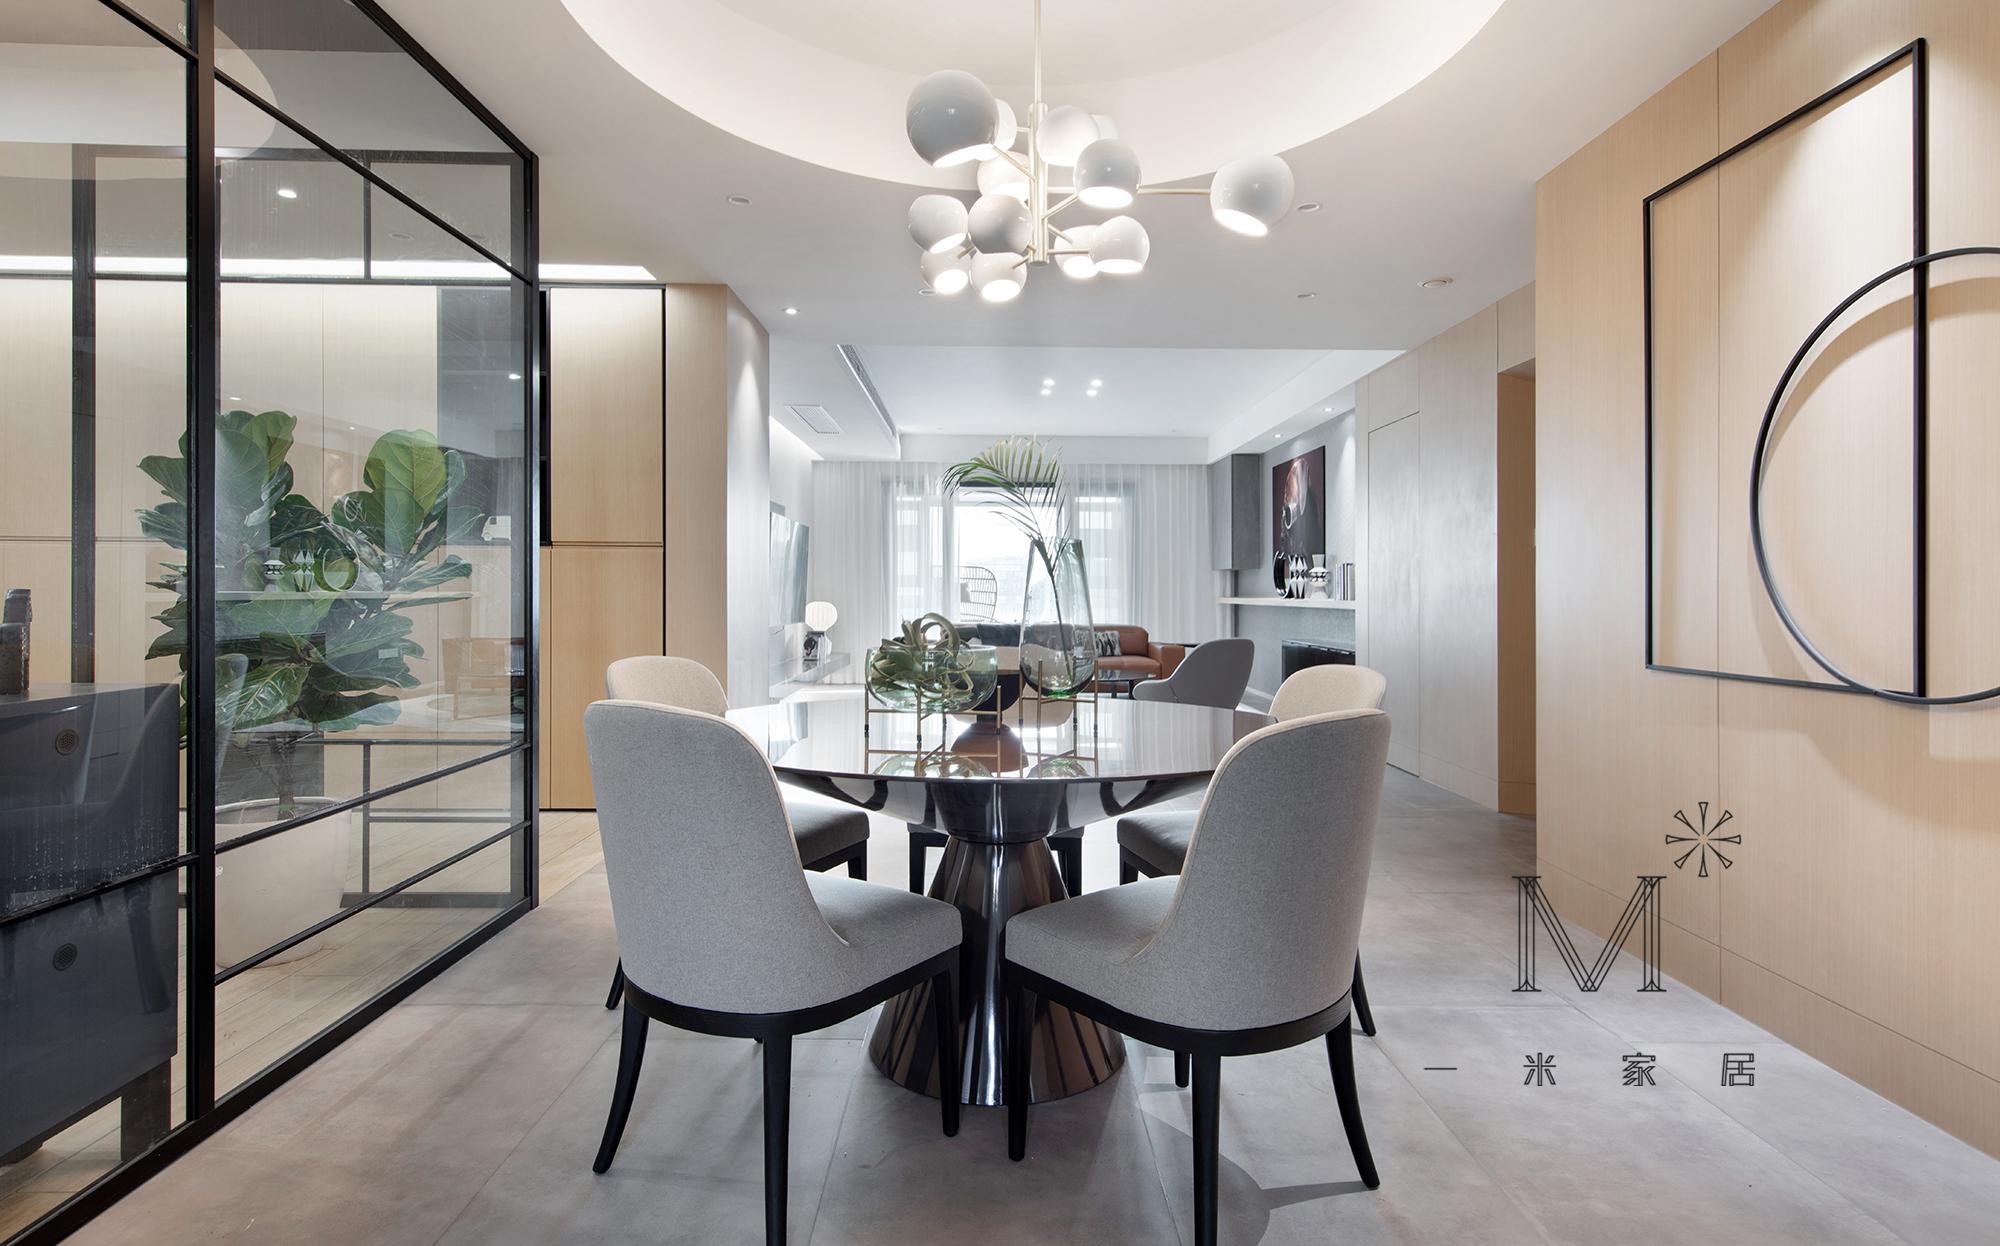 华丽144平简约四居餐厅装修图片厨房现代简约餐厅设计图片赏析